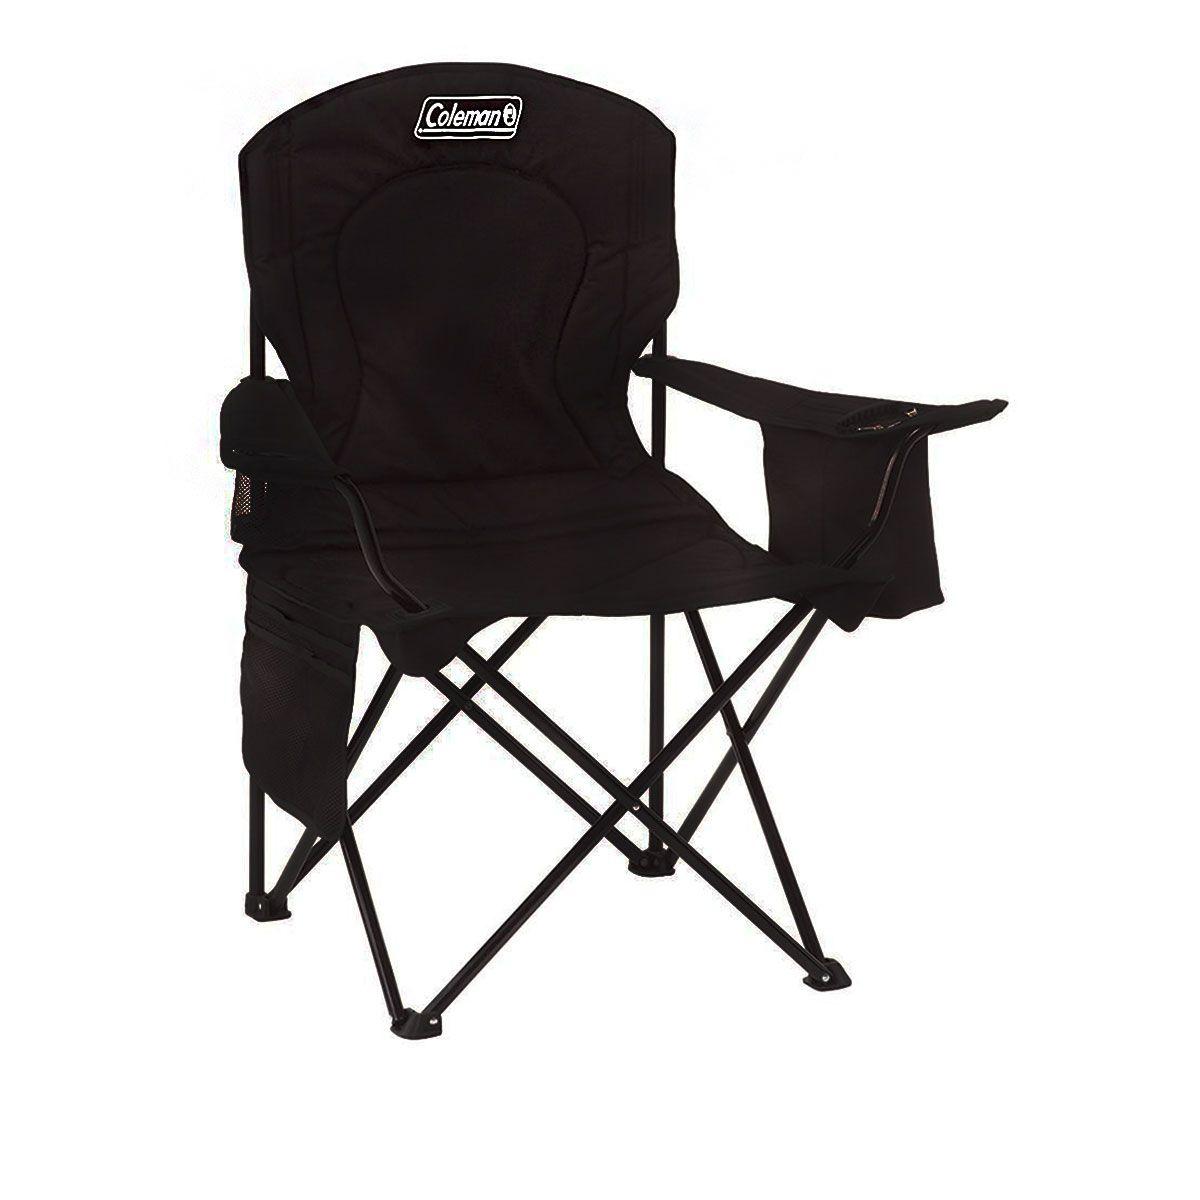 Cadeira Coleman Dobrável com Cooler Preto